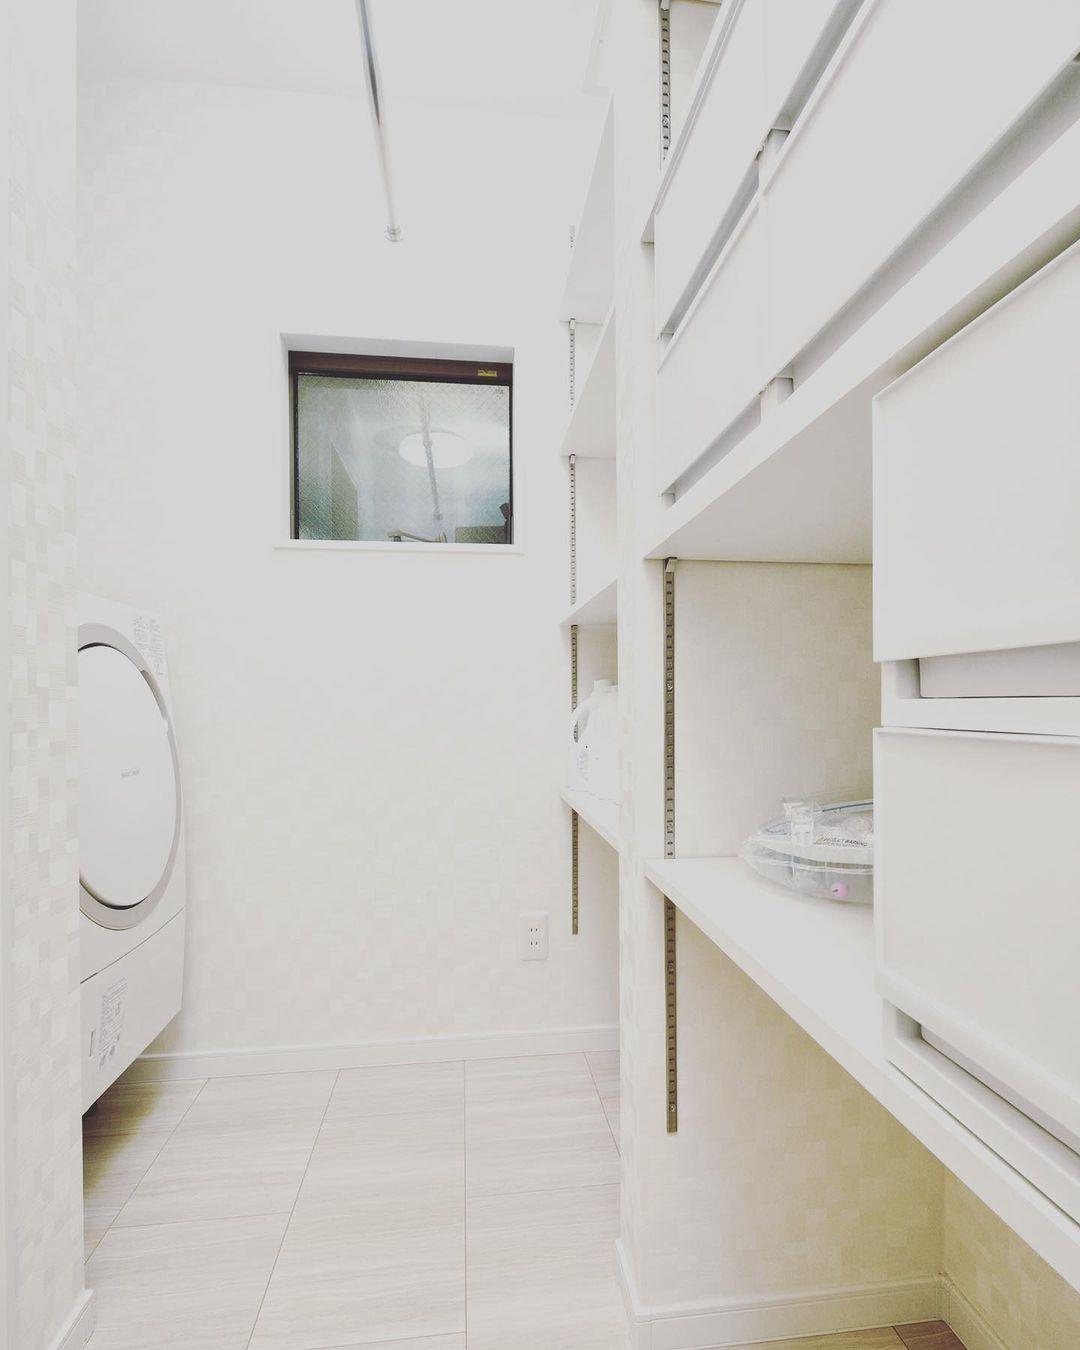 洗う、干す、たたむ、しまうが1部屋でできるランドリールームの間取り